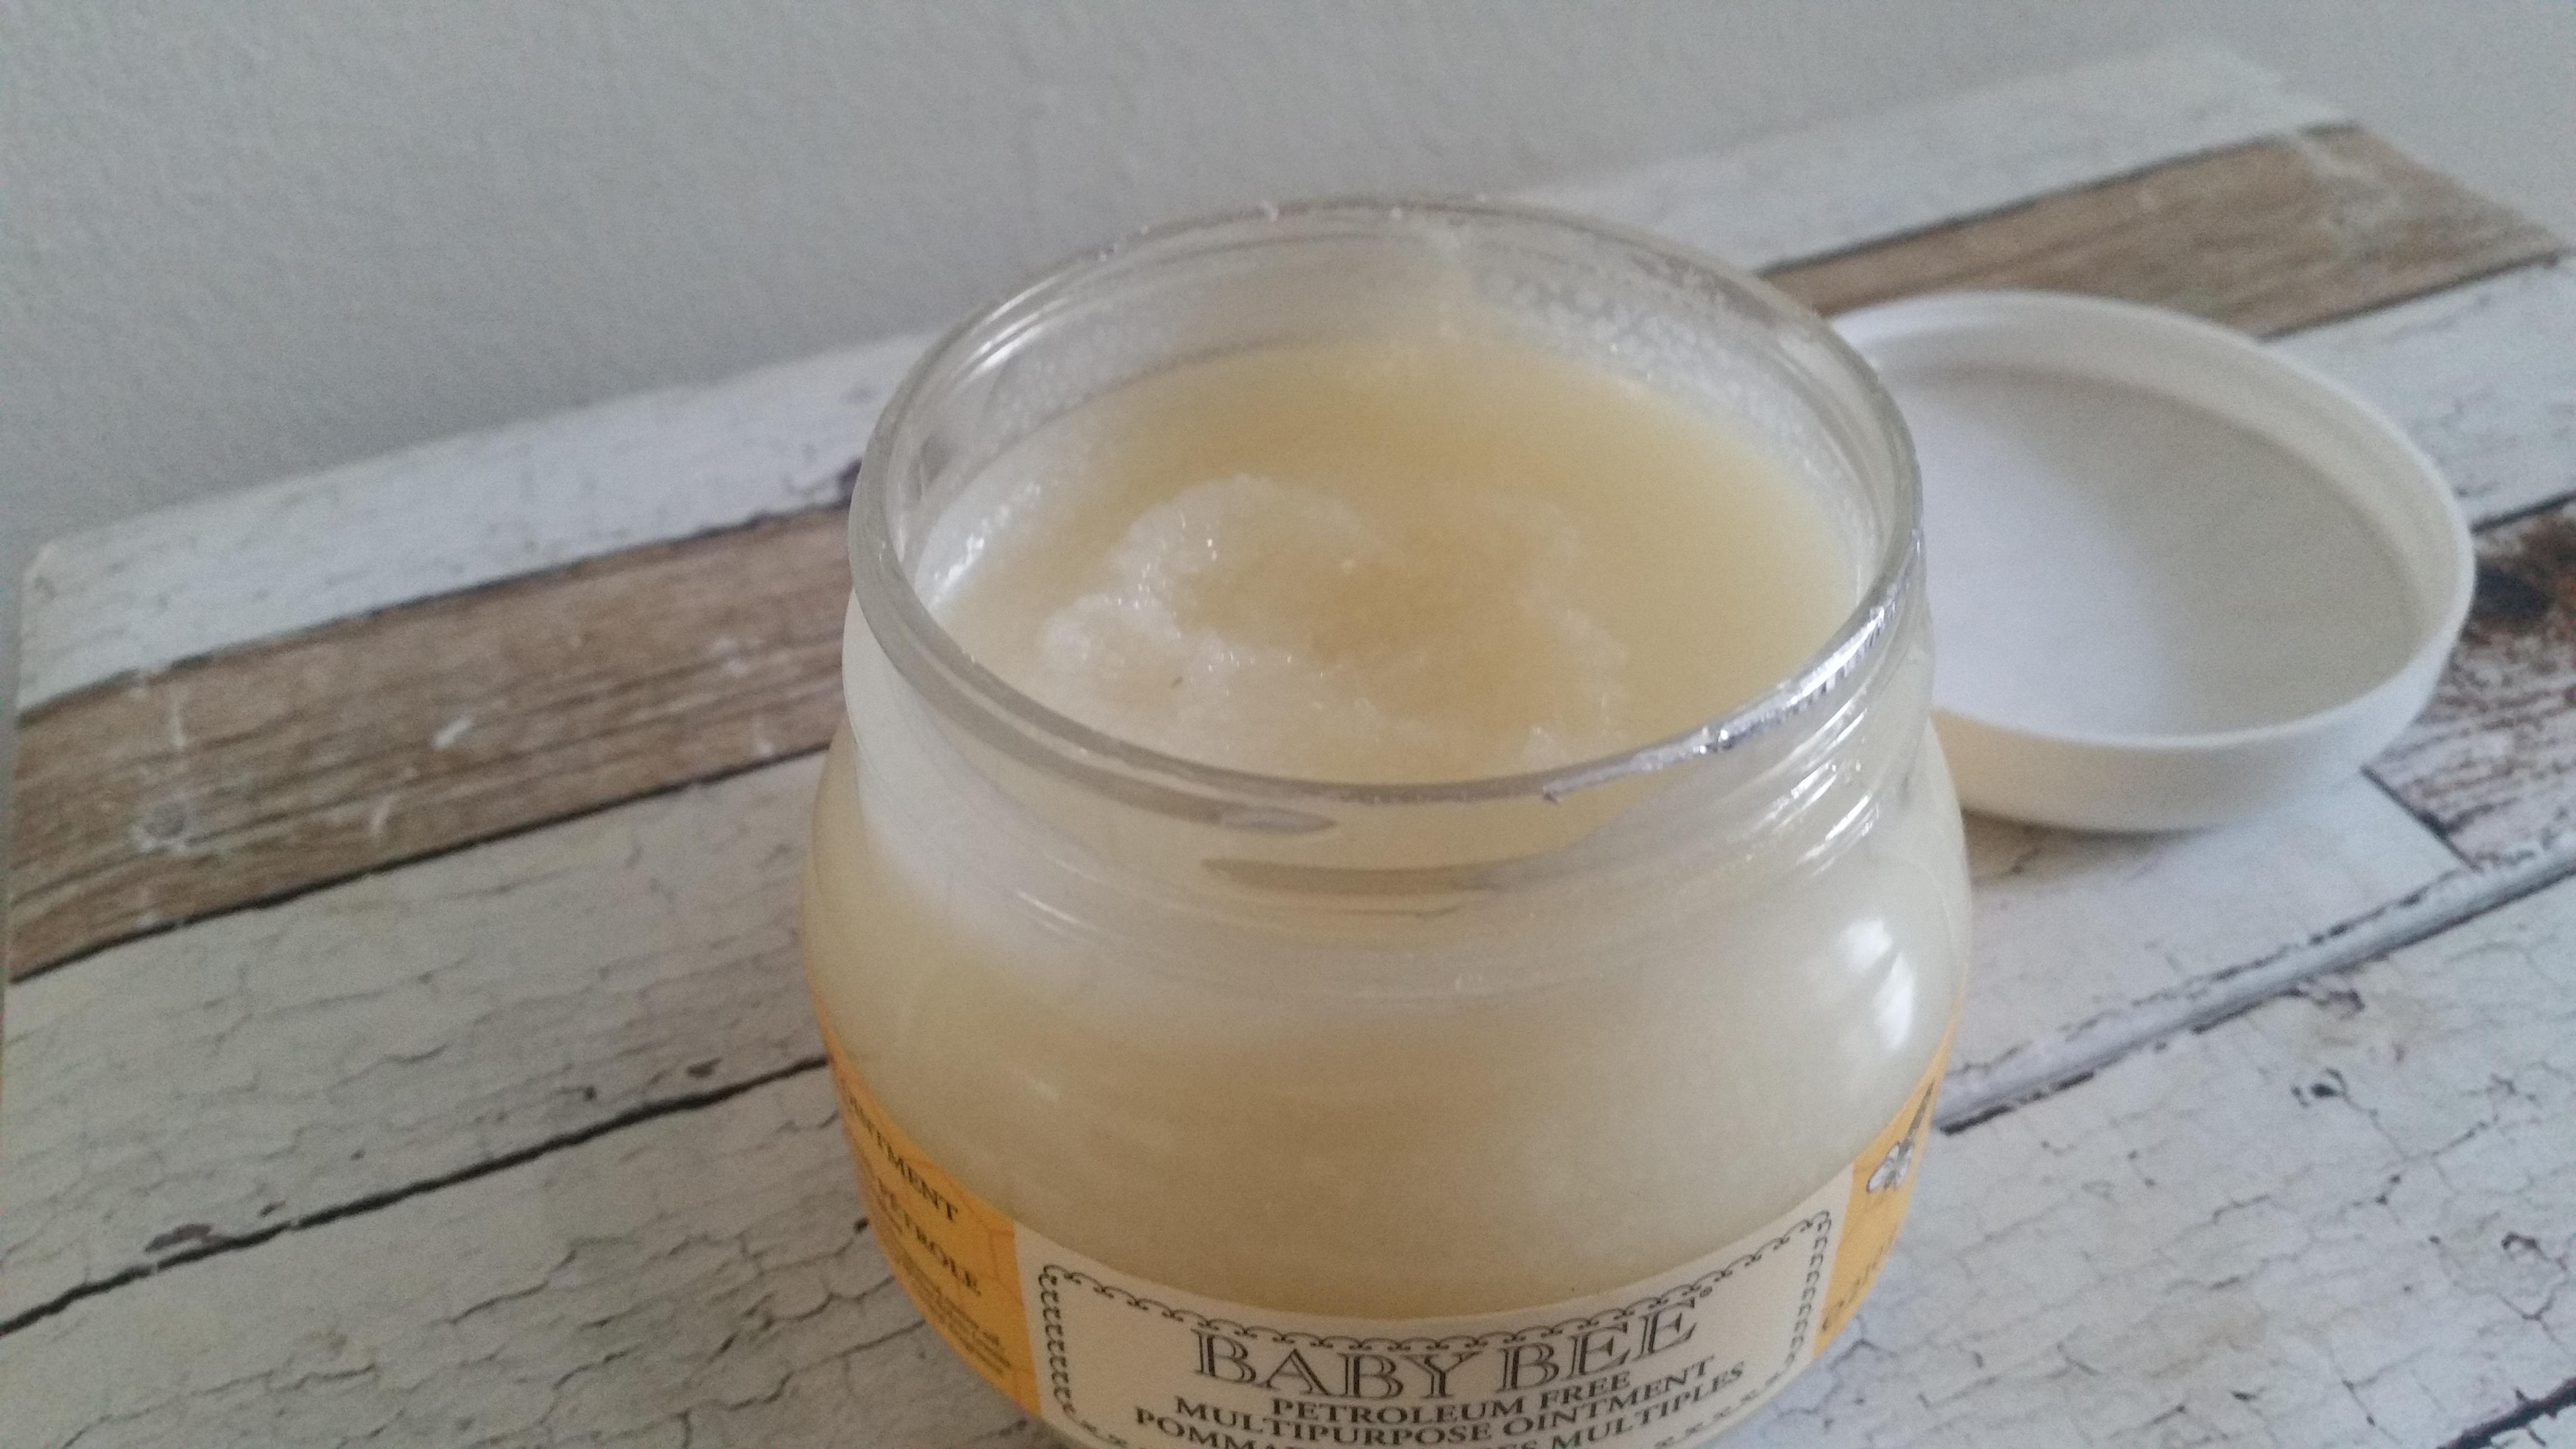 4-16-big-green-smile-petit-jolie-burts-bees-bee-huid-verzorging-artikelen-verzorgingsproducten-ecologisch-verzorgend-goed-nanny-moeder-ervaringen-inhoud